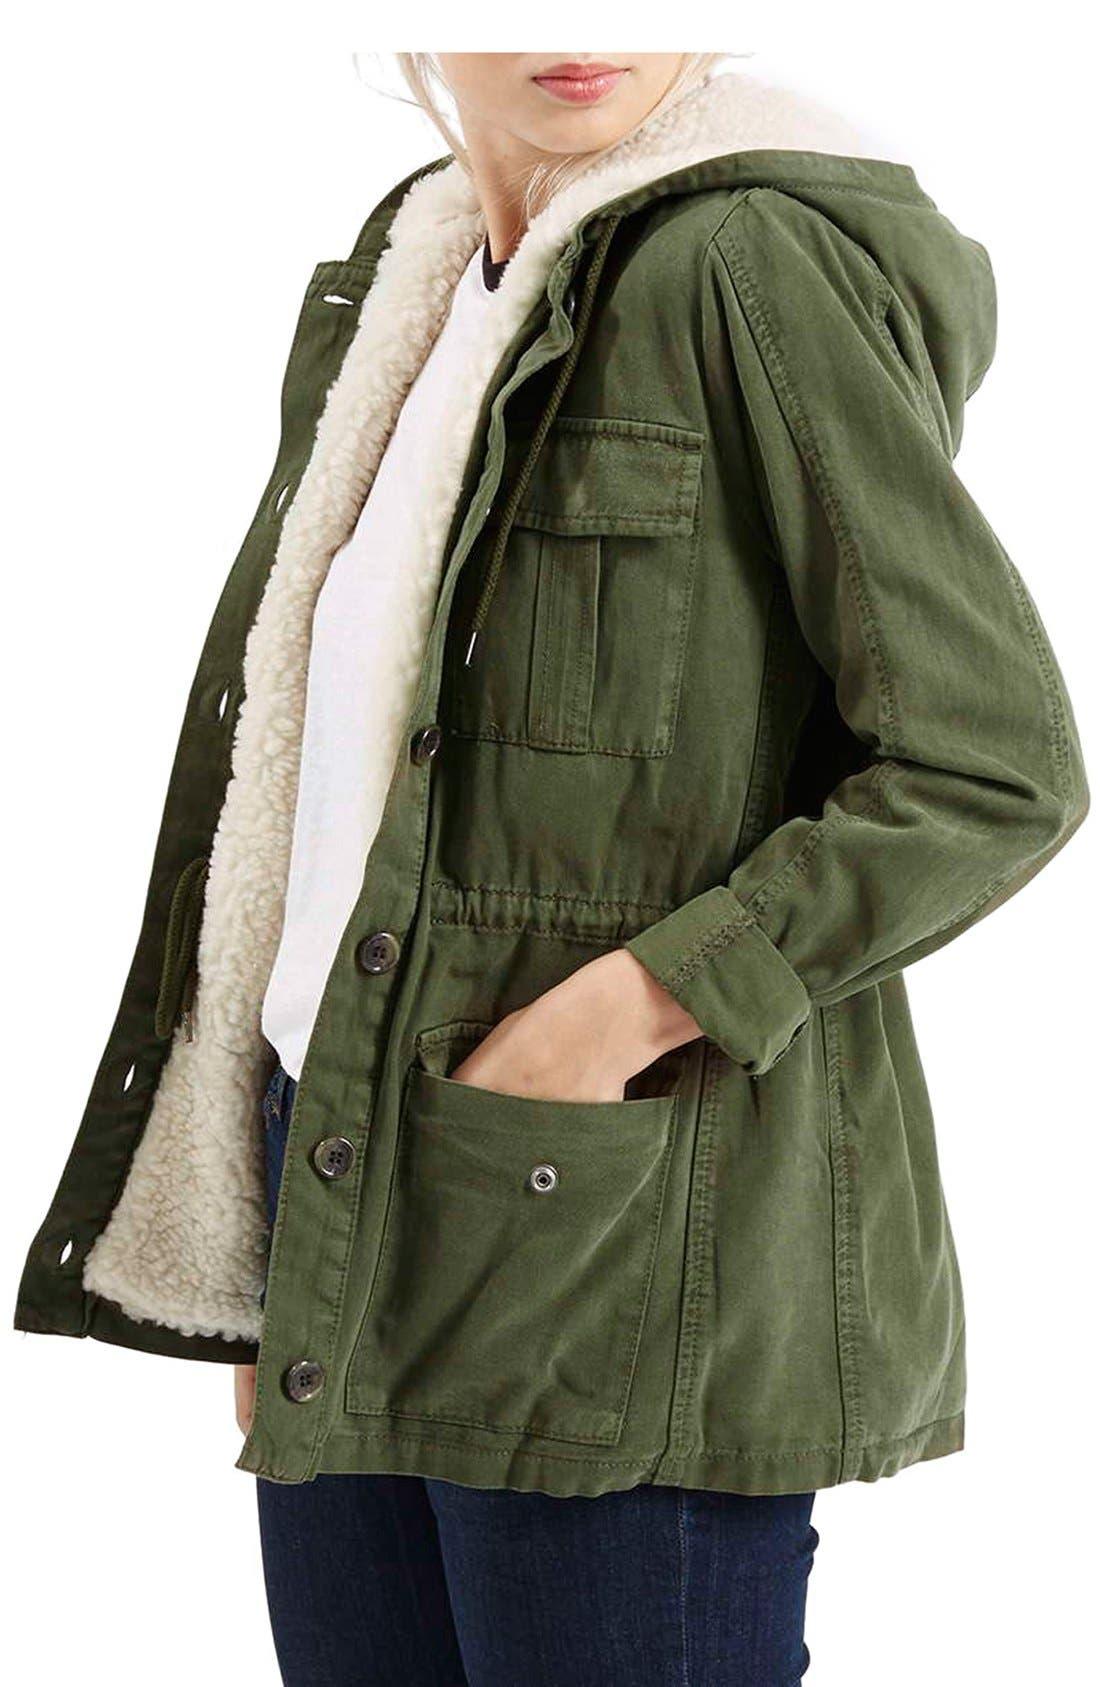 Alternate Image 1 Selected - Topshop 'Esme' Faux Fur Lined Parka